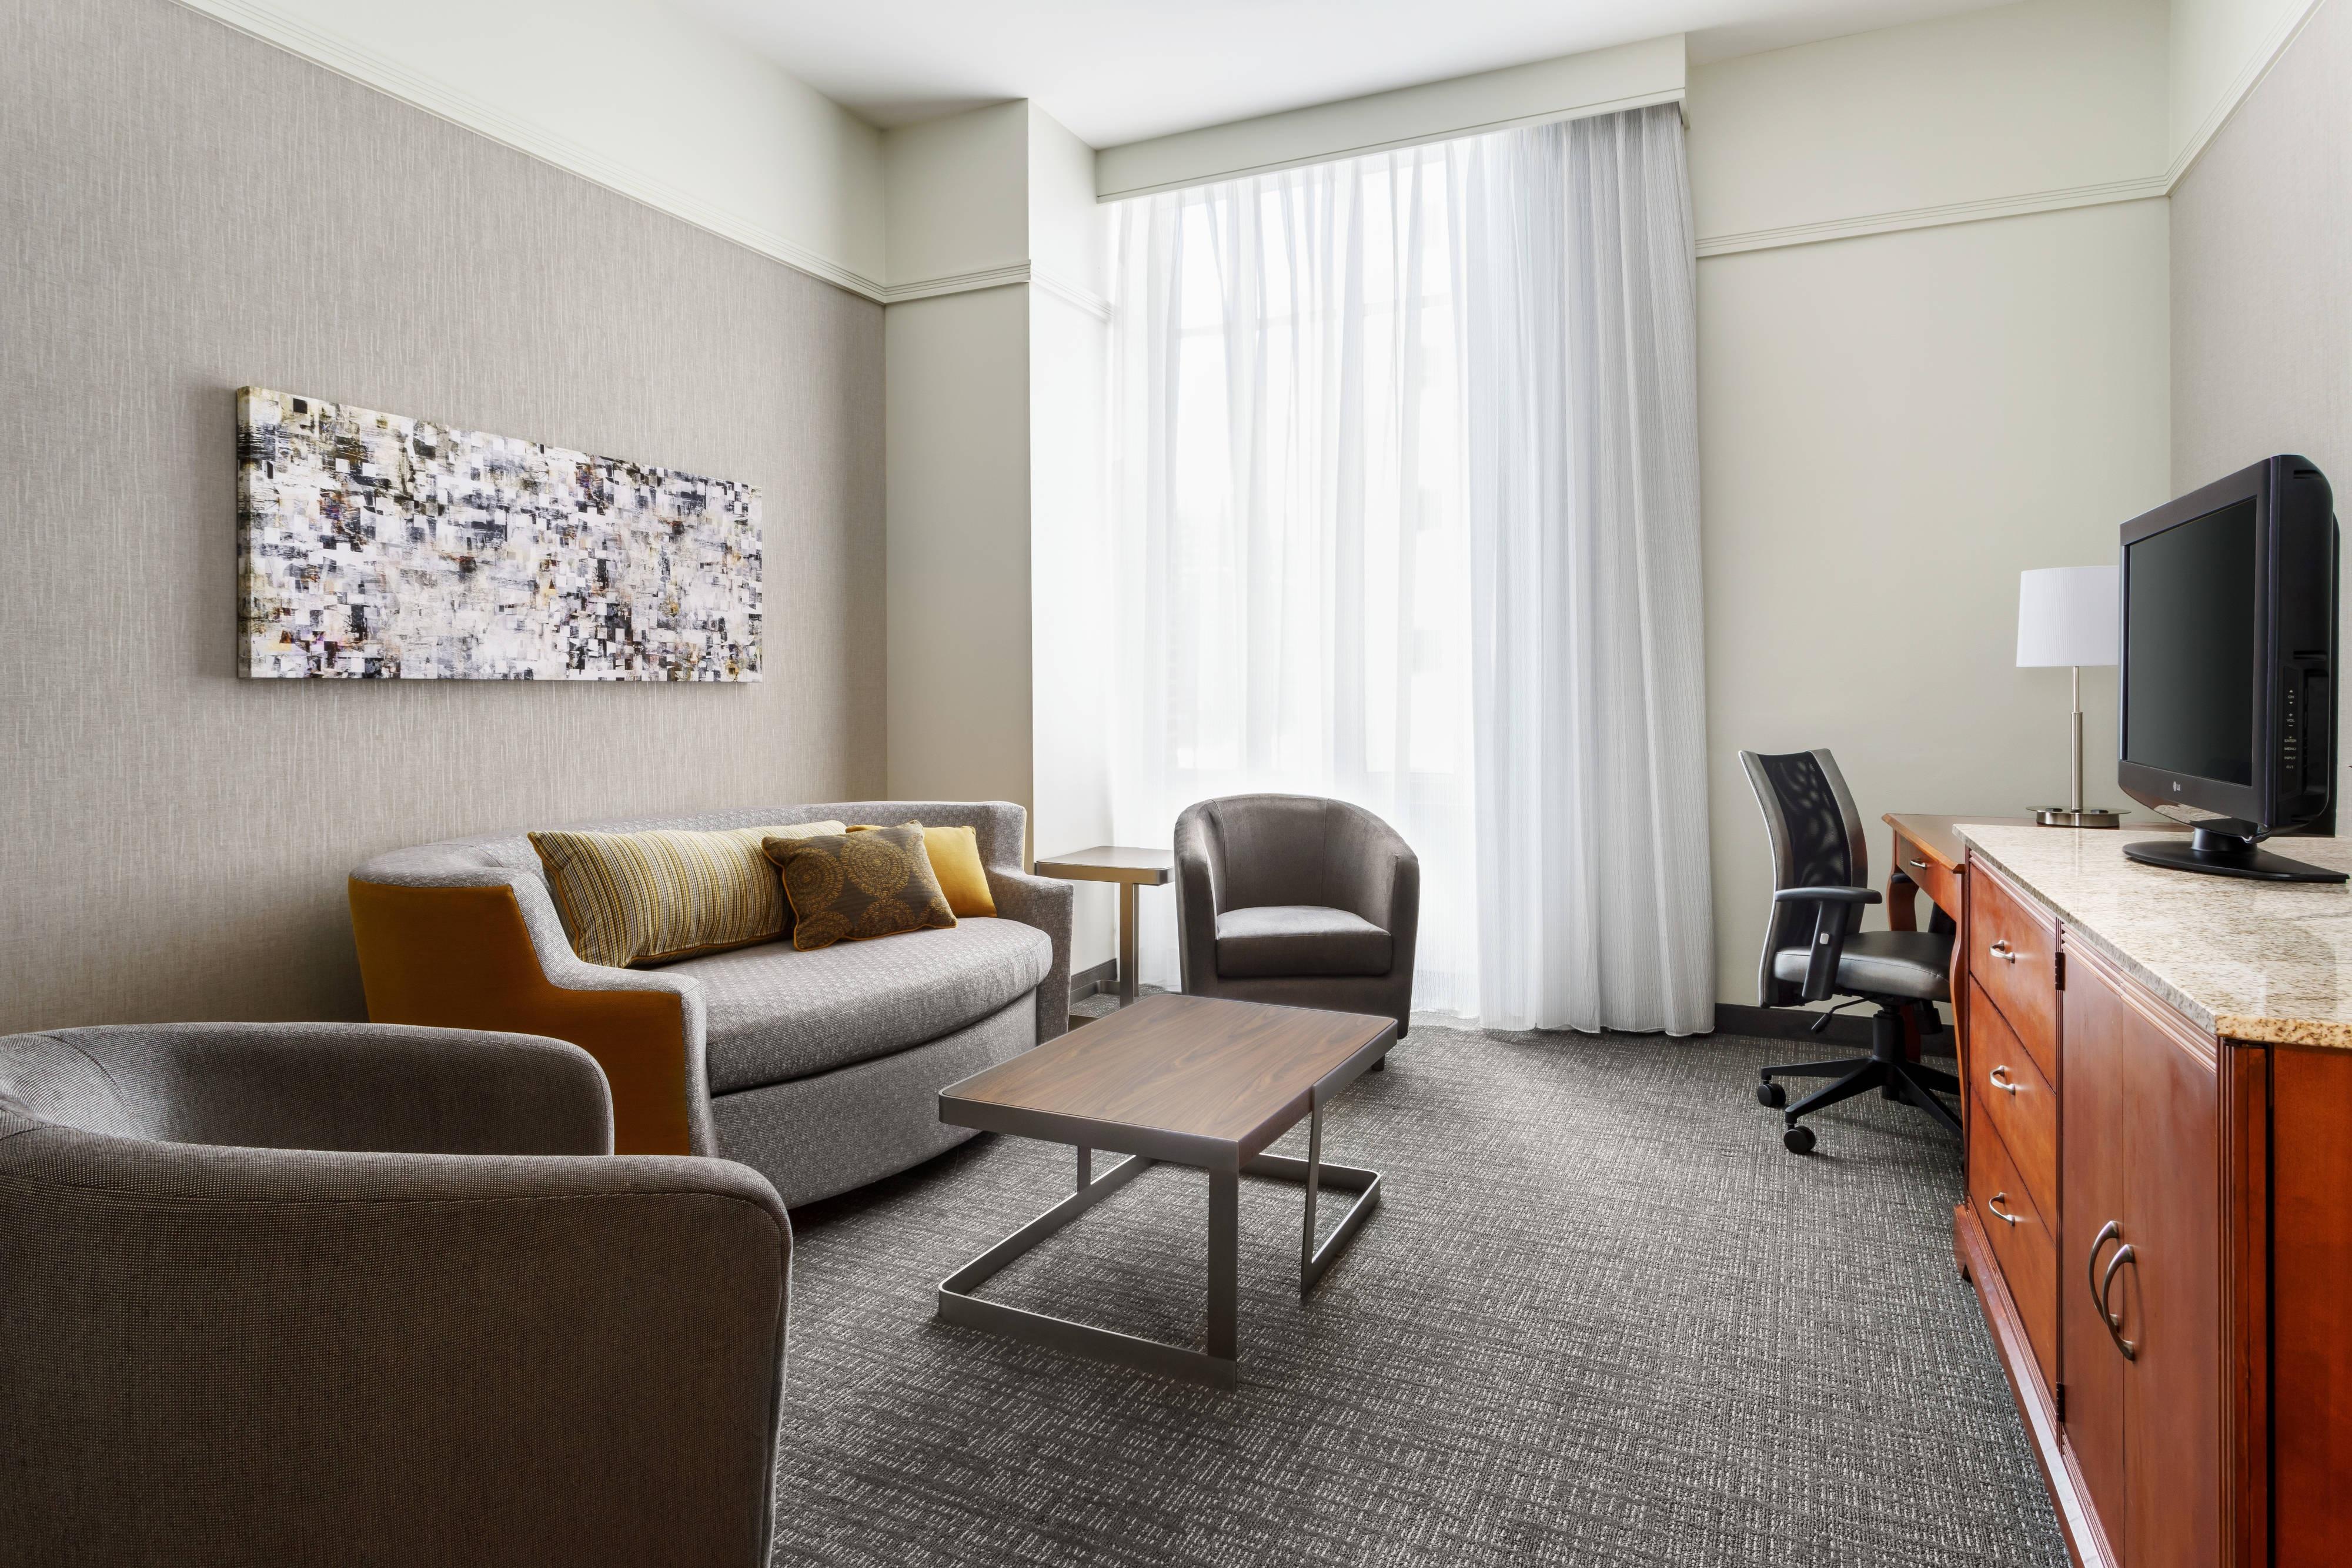 Suite del hotel en el centro de Houston